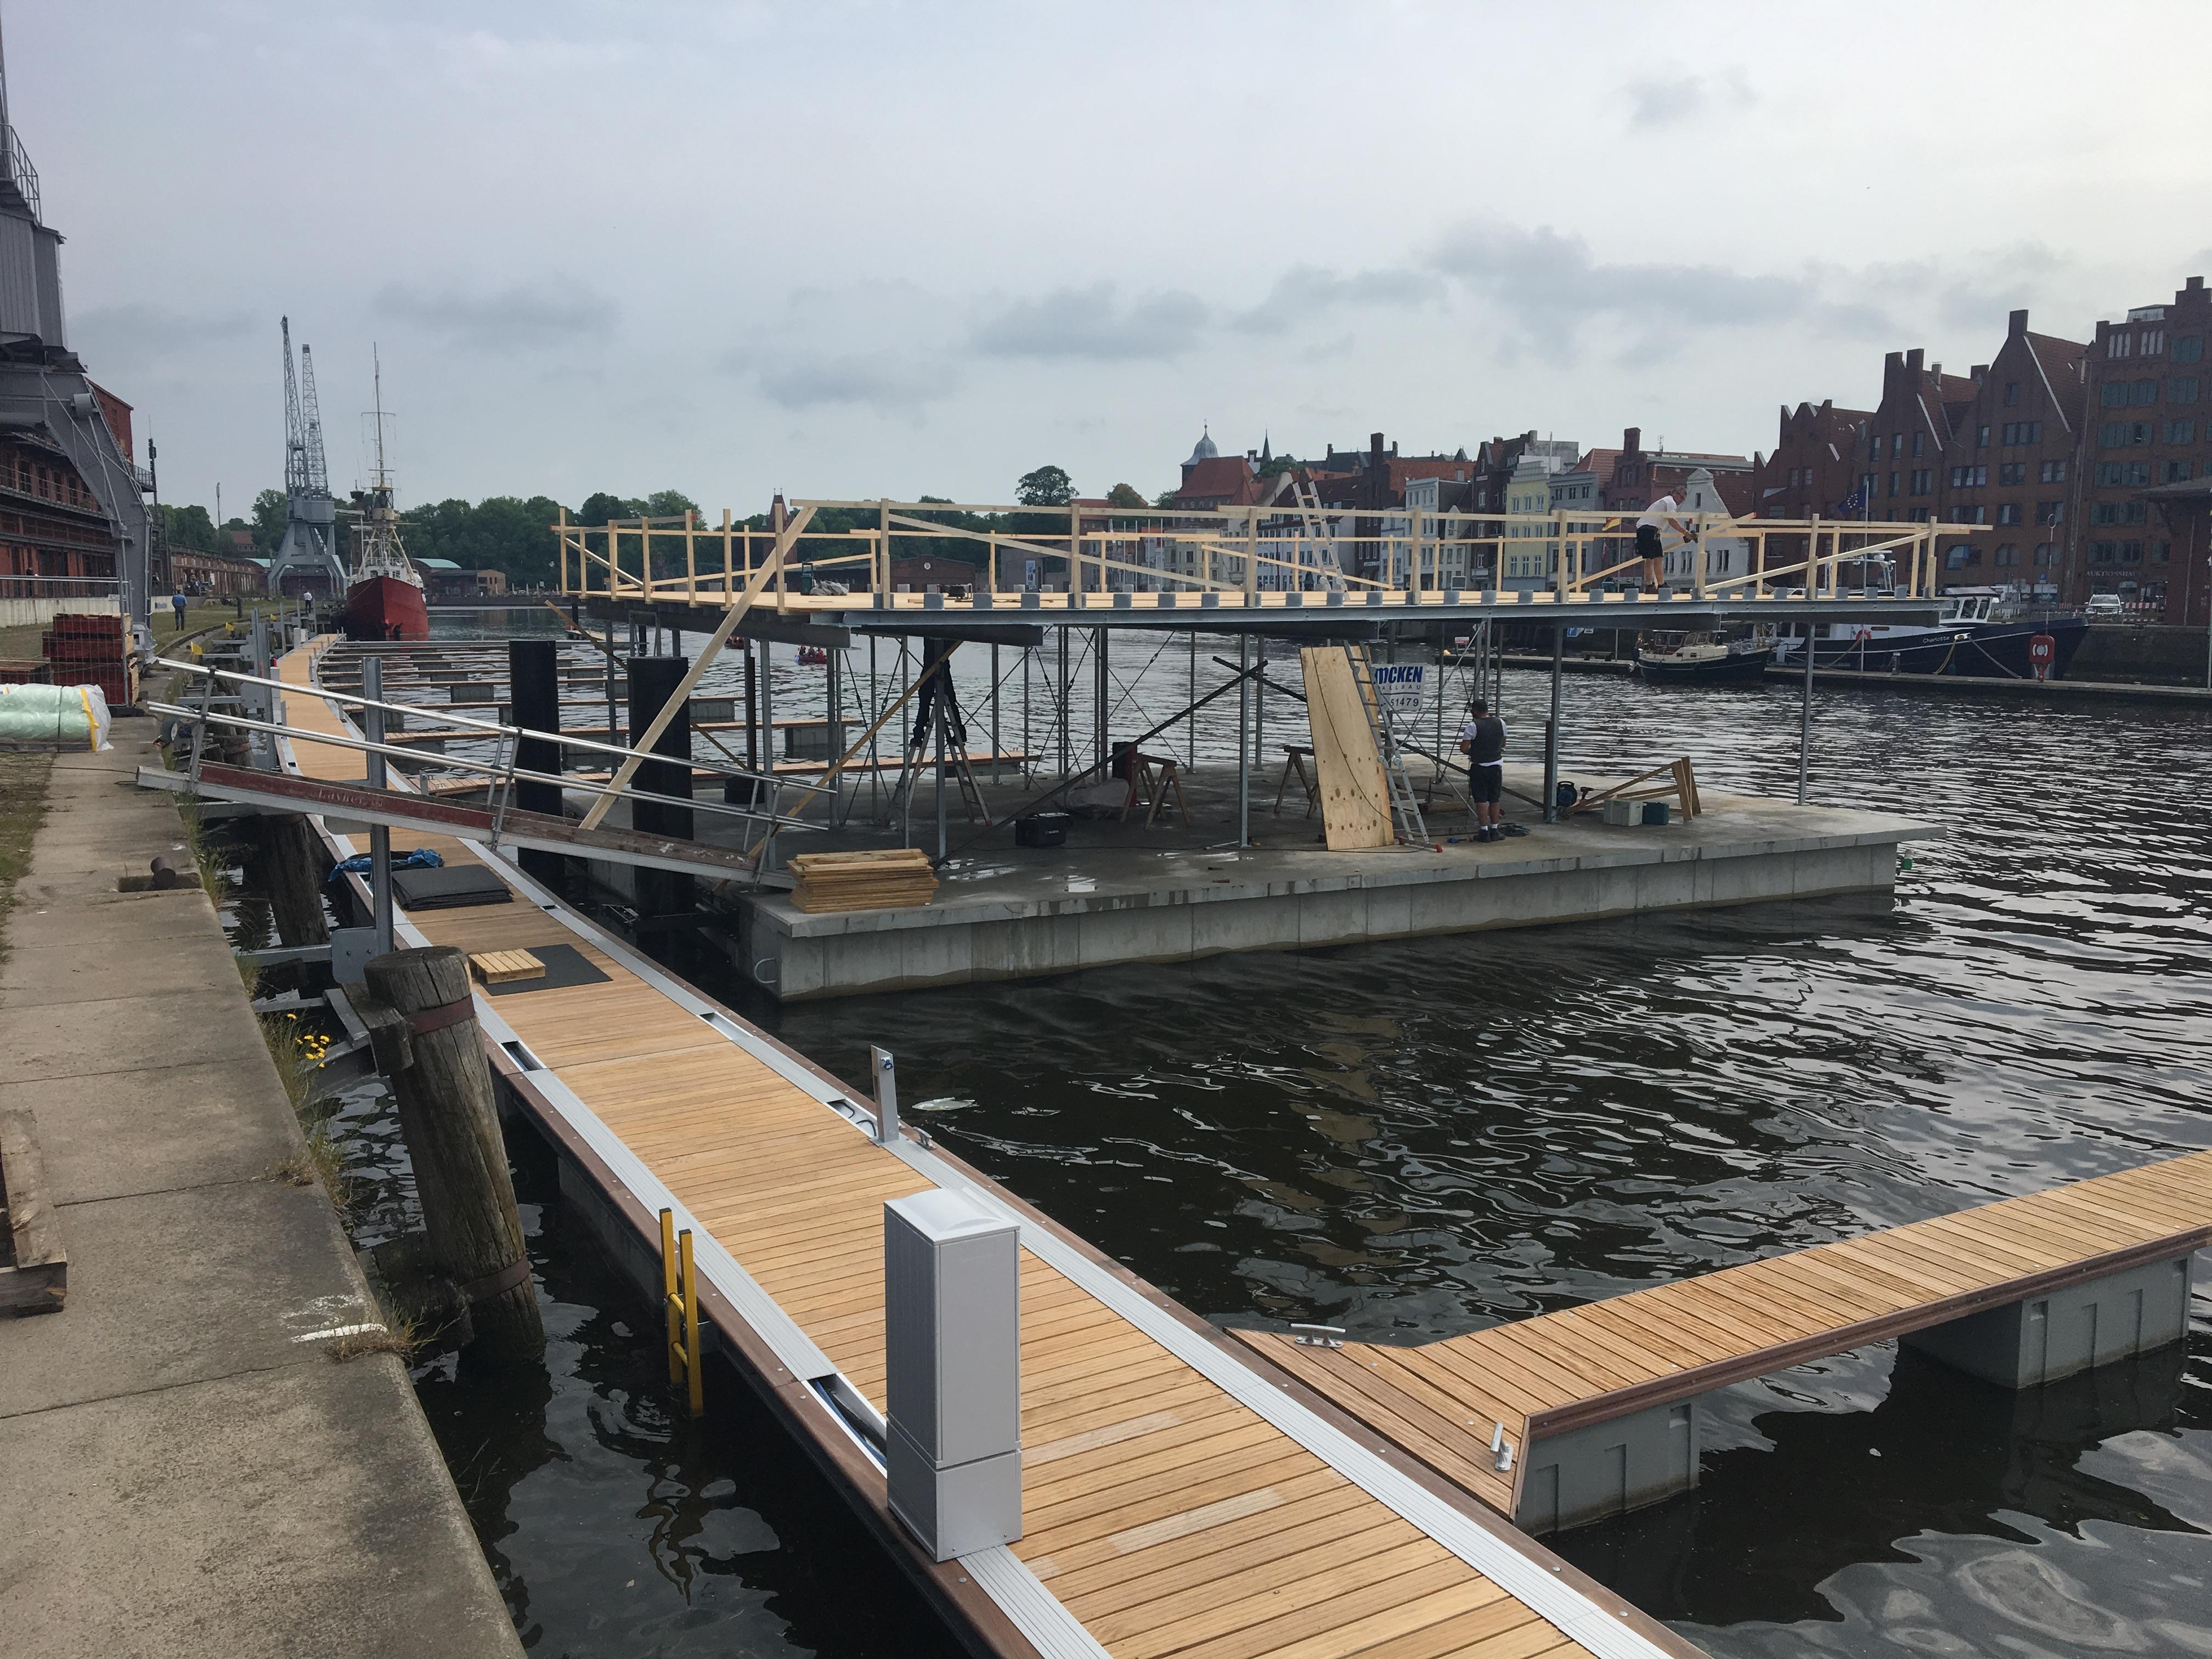 Nach der Überfahrt das Pontons nach Lübeck liegt er dort nun am endgültigen Liegeplatz an den Mediadocks und wird nun zum Service-Ponton mit Sanitäranlagen ausgebaut. Seine Abmessungen sind 15,70 x 11,00 m (Bedingt durch Schleusungen auf dem Transportweg)